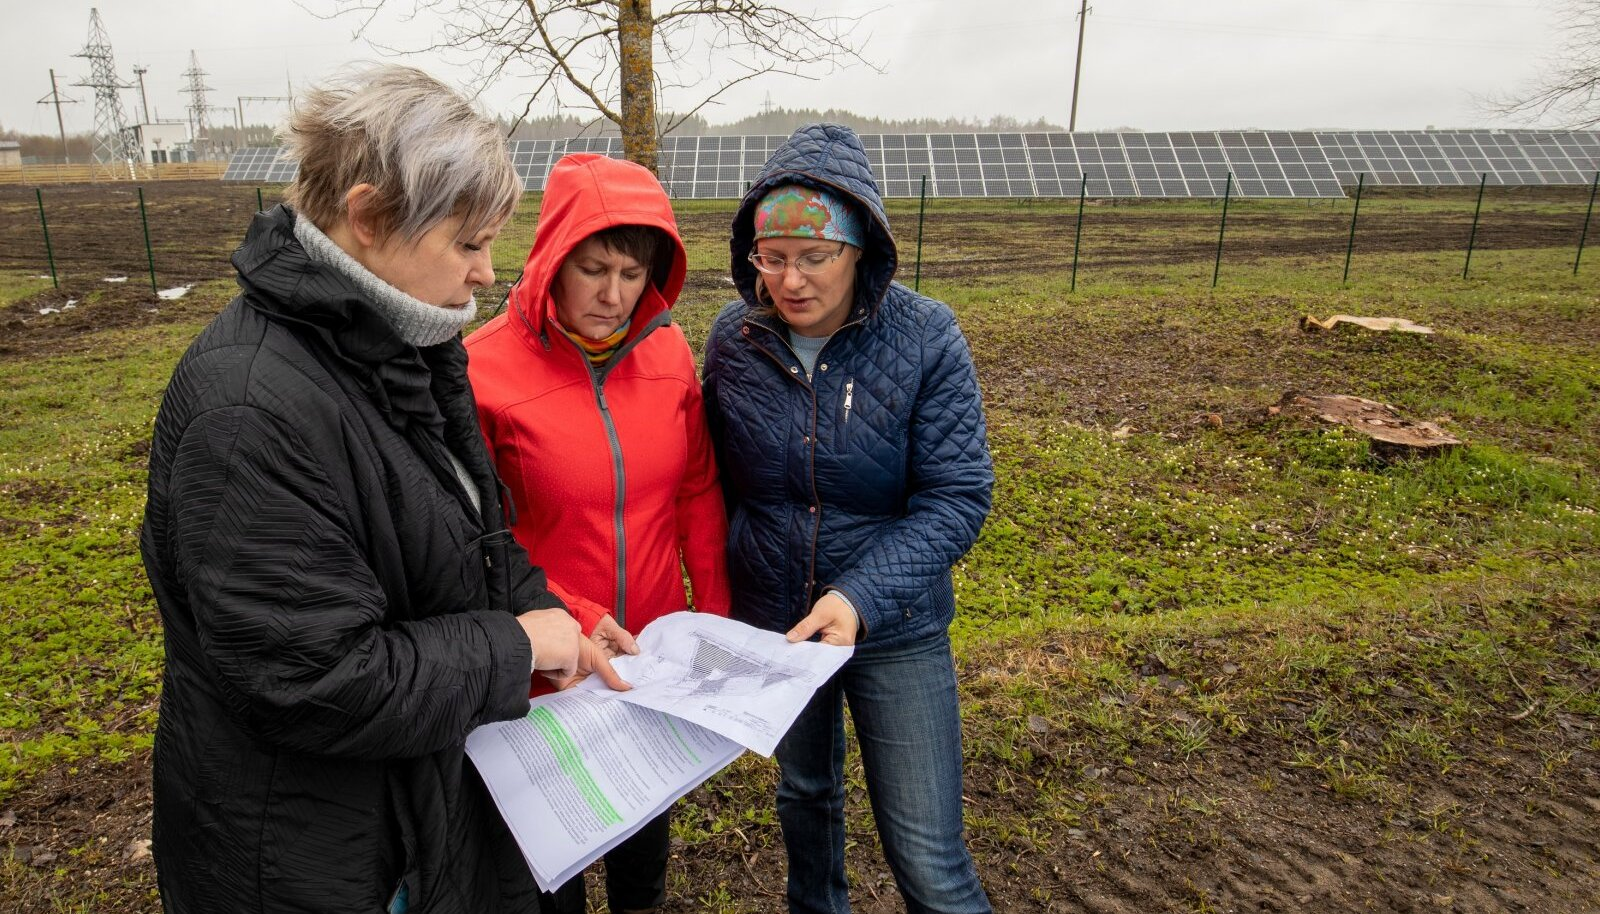 Roela päikesepark selja taga, uurisid protestijate eestvedajad, kogukonna esindajad Tiina Alavere, Aili Taal ja Ene Põllu kavandatava laienduse plaani, mis praeguseks päevakorrast maas.